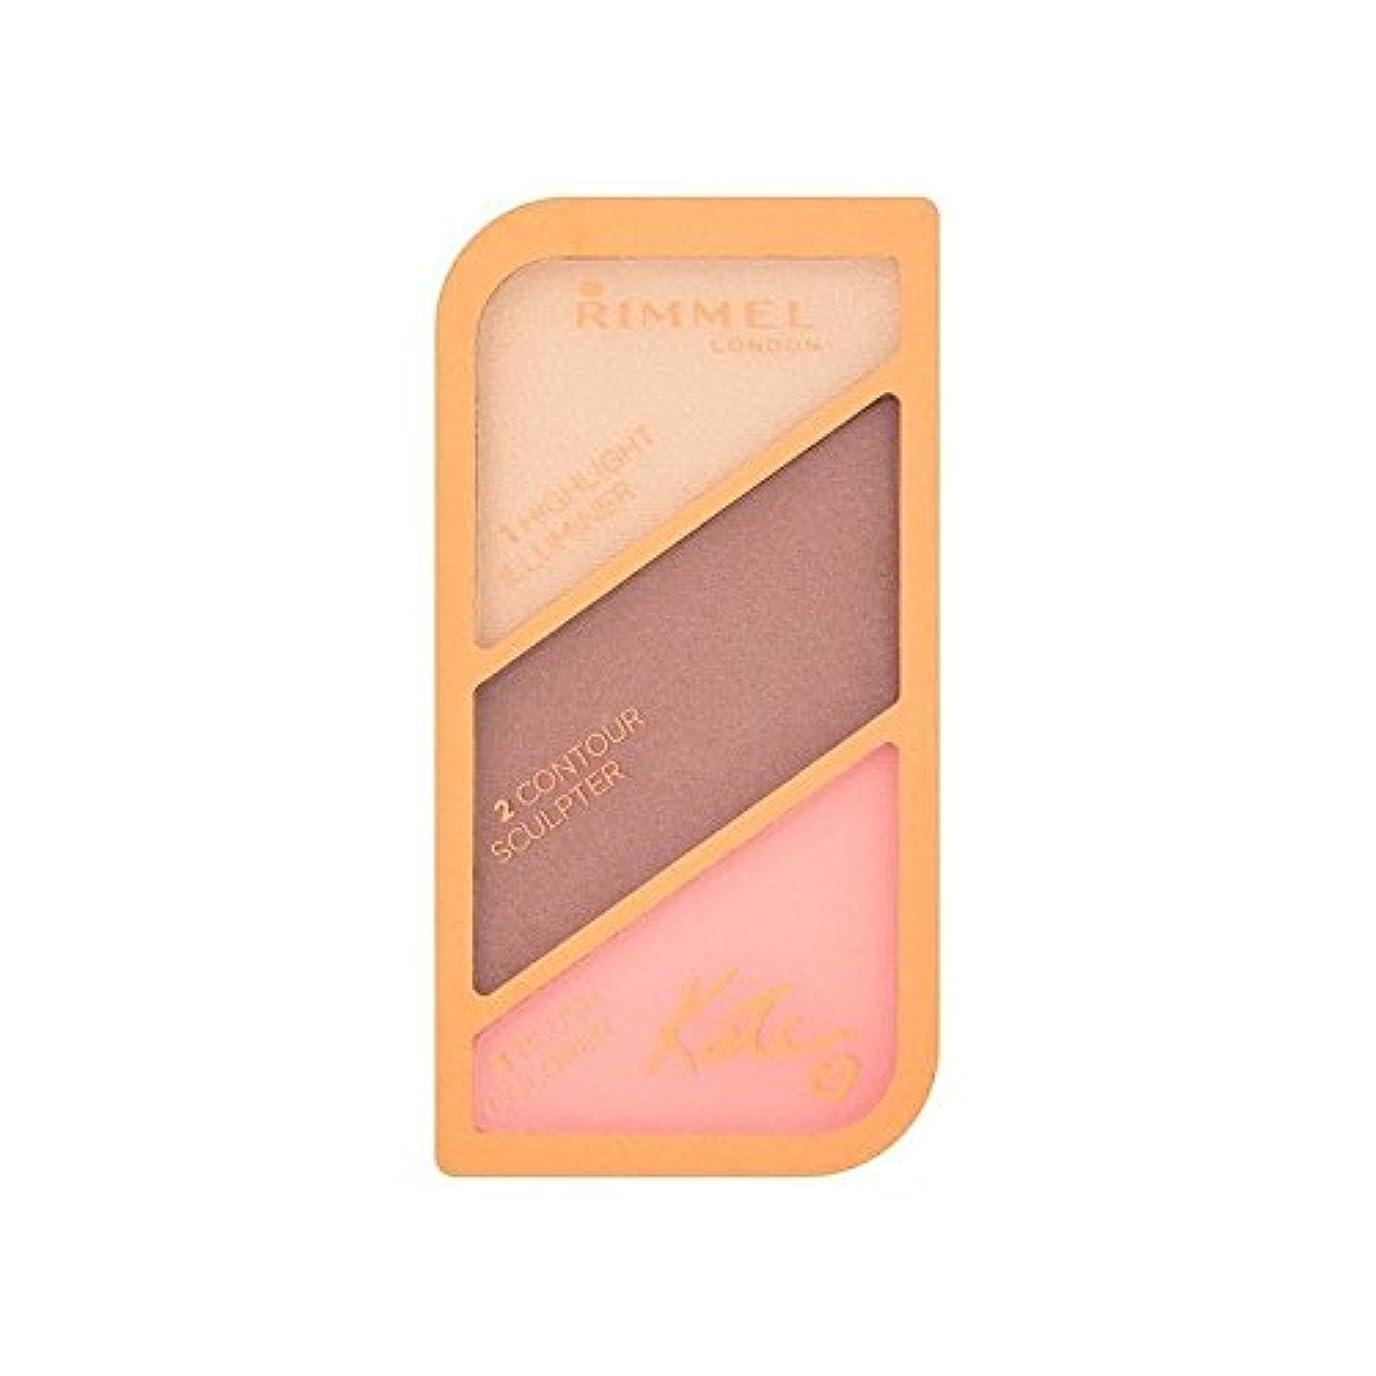 違反伝染性の磨かれたRimmel Kate Moss Sculpting Palette Golden Bronze 003 (Pack of 6) - リンメルケイト?モスの彫刻パレット黄金のブロンズ003 x6 [並行輸入品]